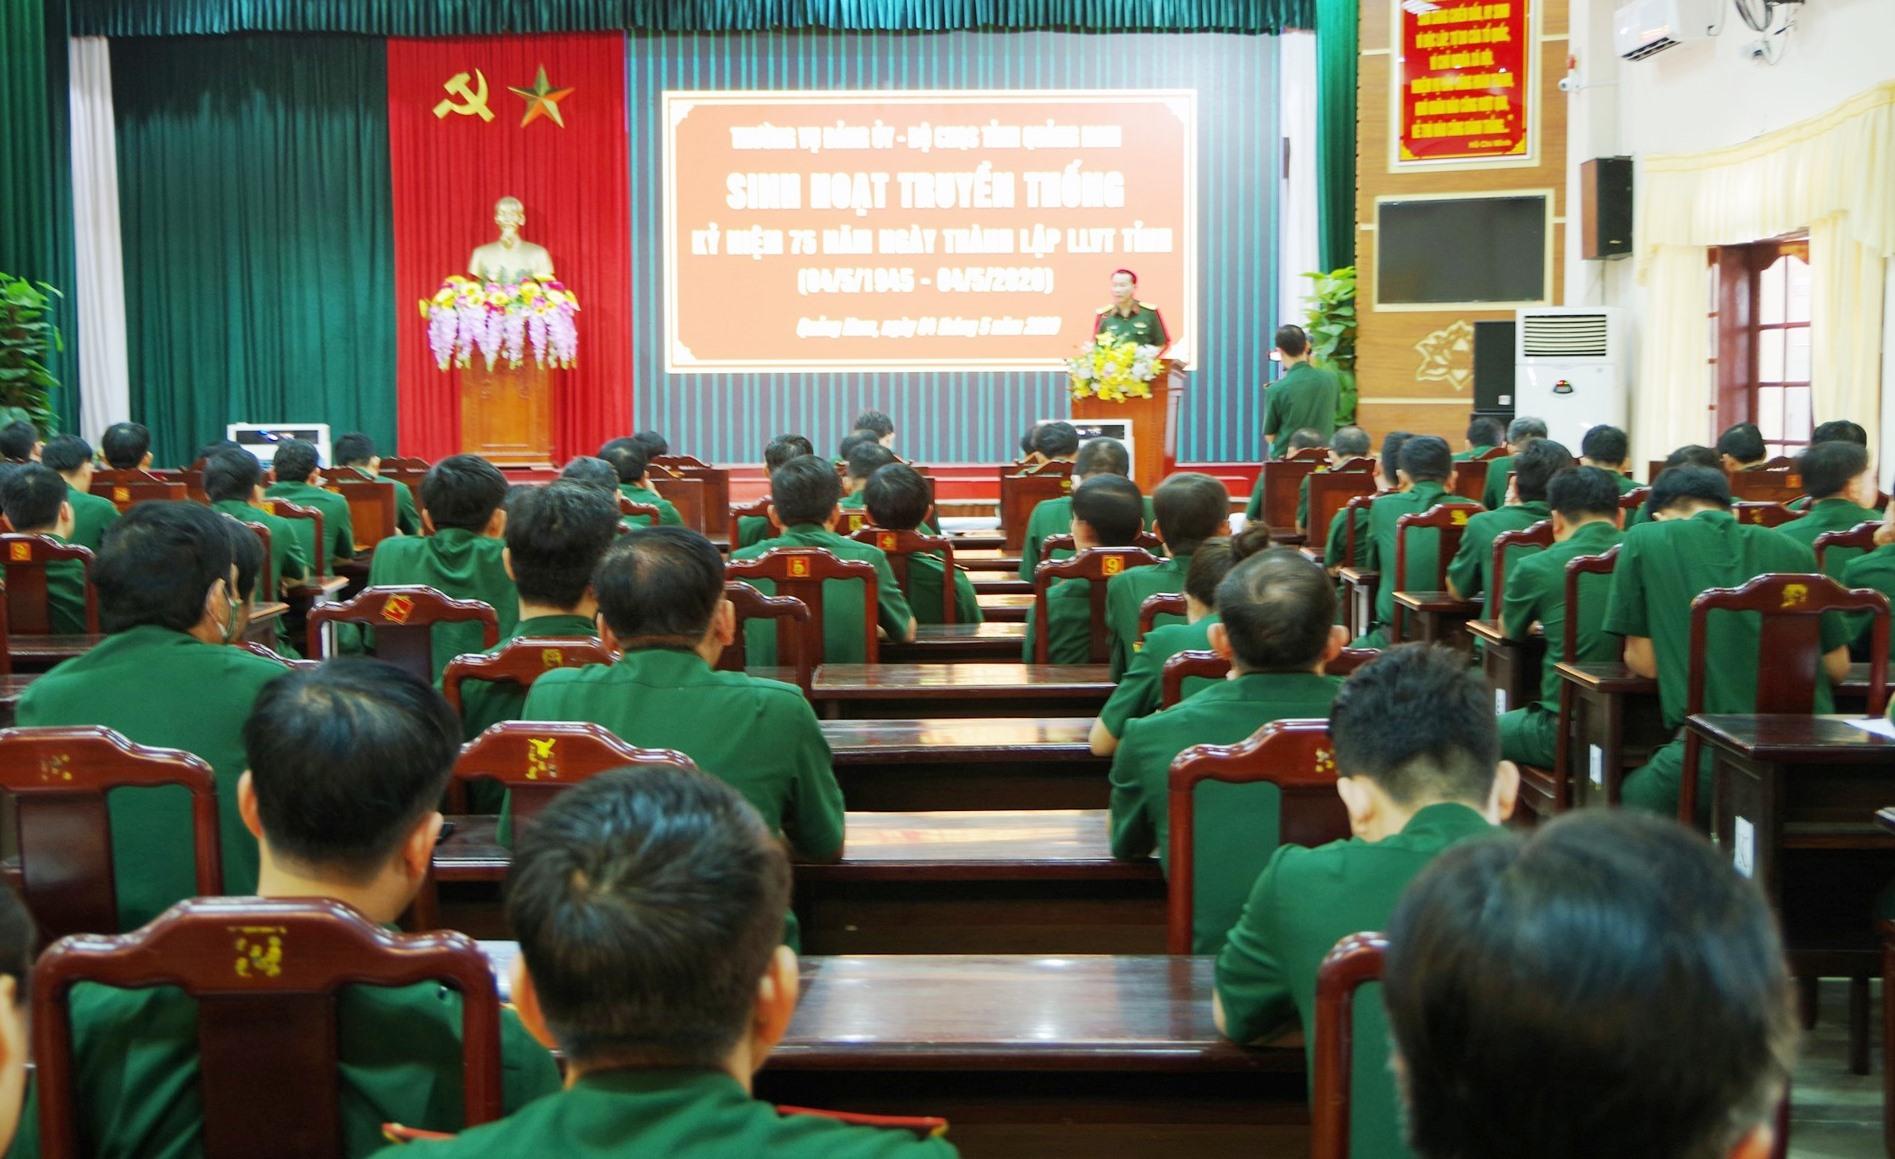 Sinh hoạt truyền thống kỷ niệm 75 năm Ngày truyền thống LLVT tỉnh. ANH TRANG